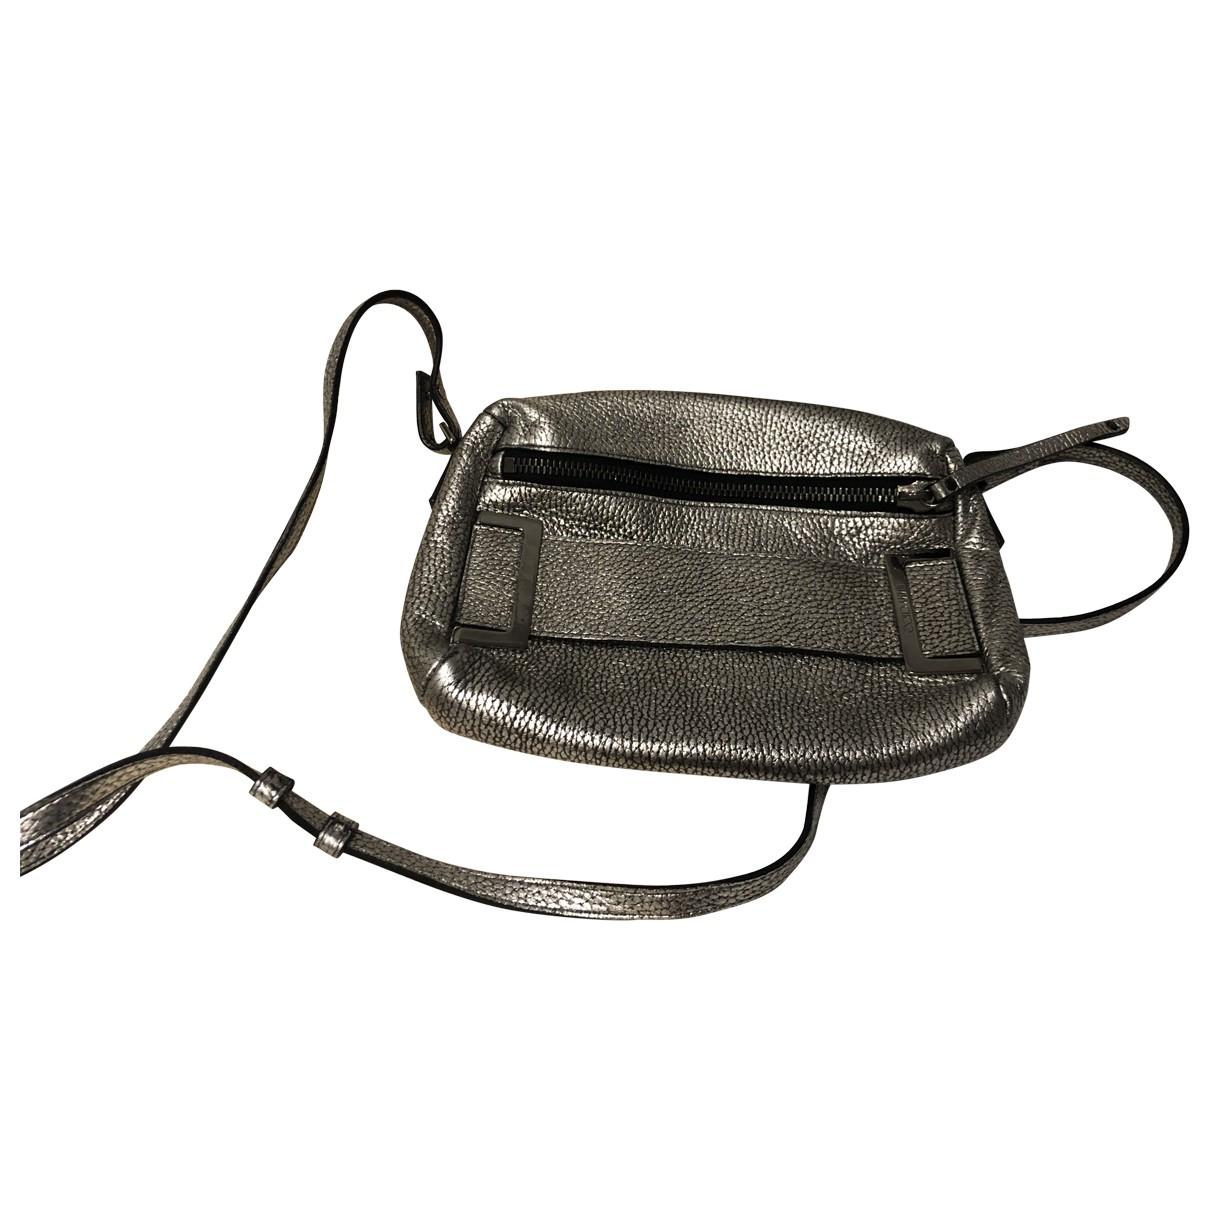 Jimmy Choo \N Silver Leather handbag for Women \N